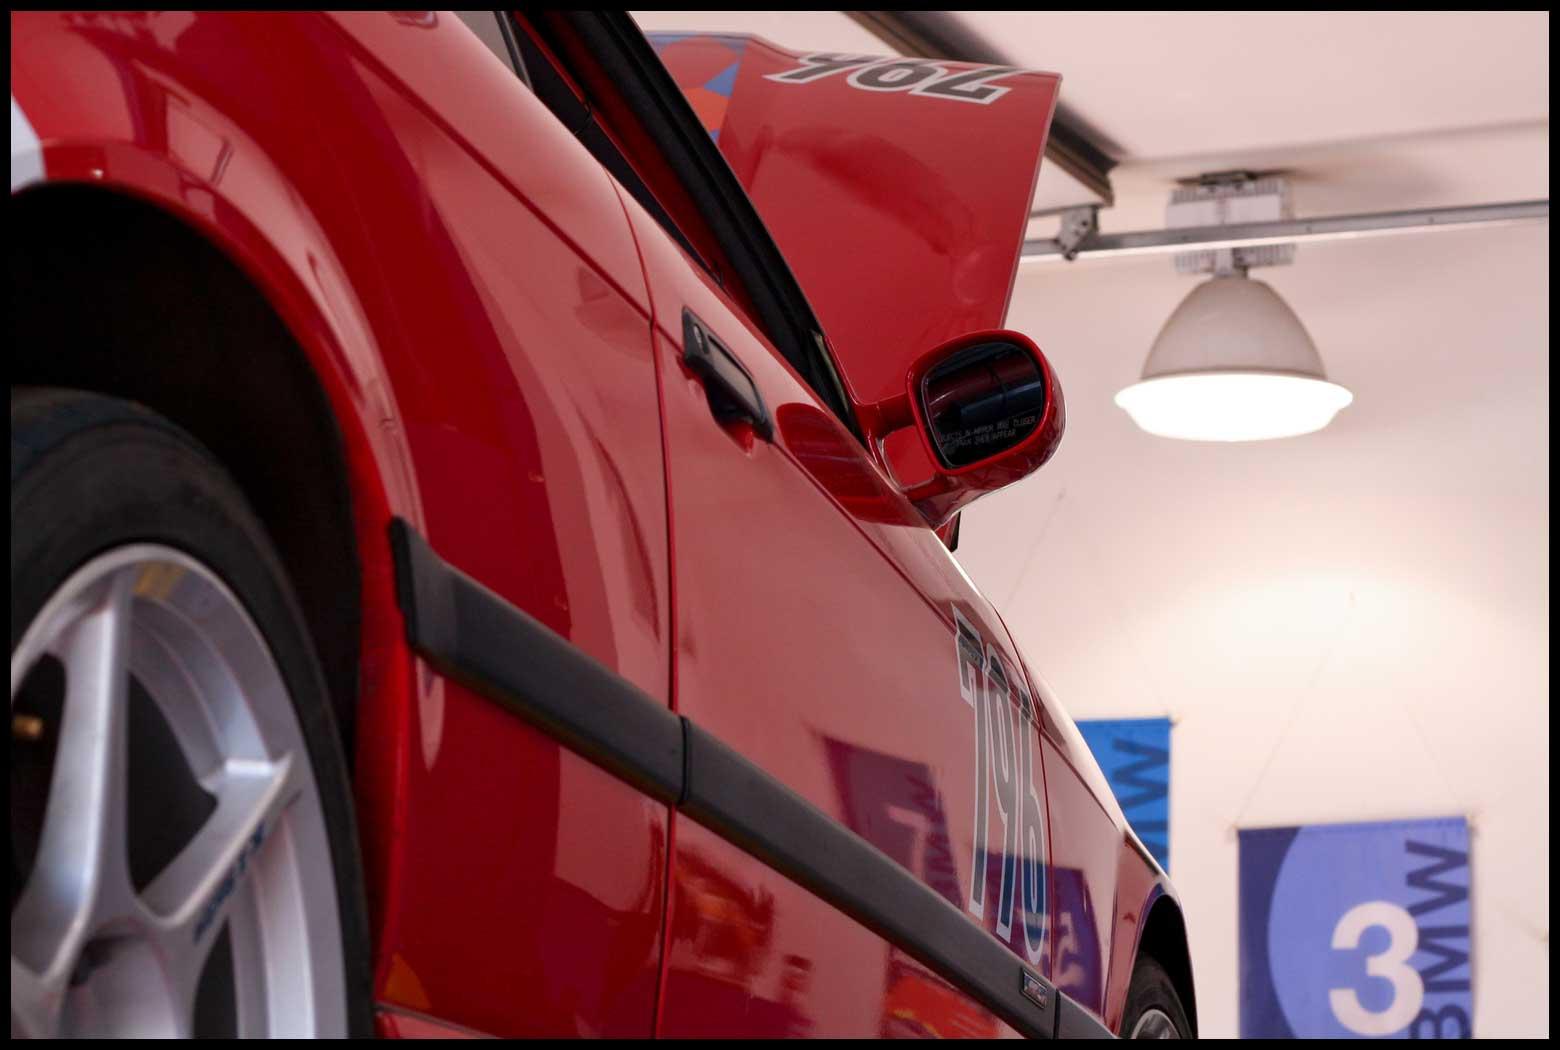 schneller-BMW-mini-service-e36-M3